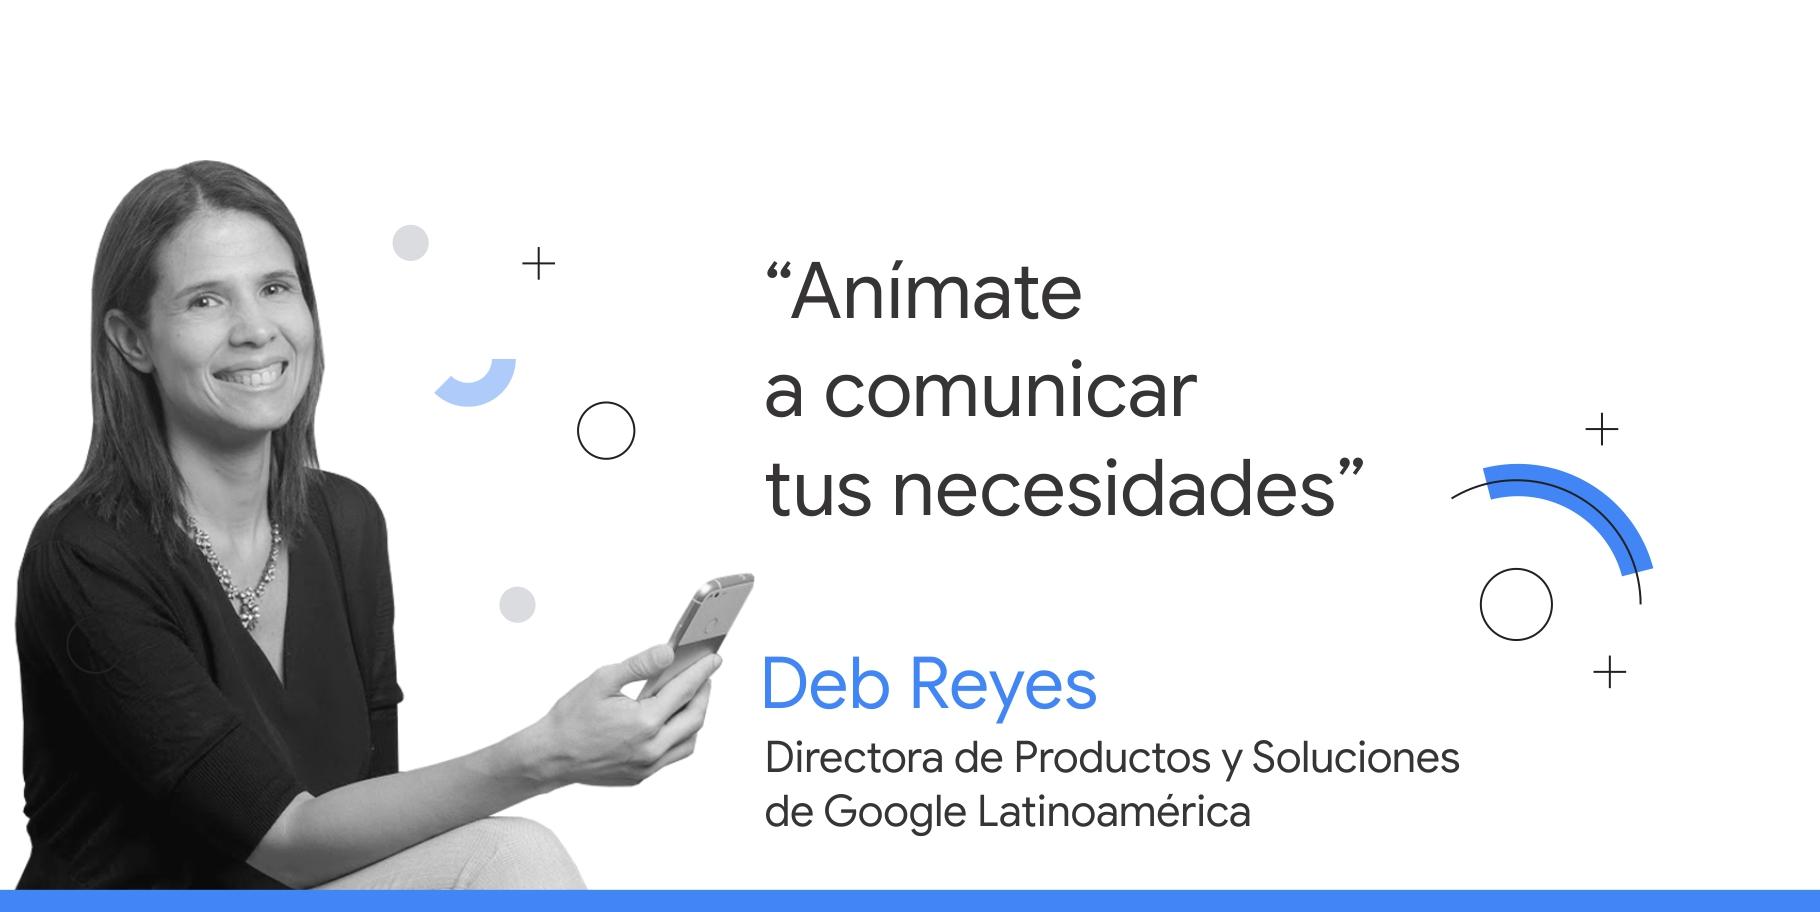 """Foto en blanco y negro de Deb Reyes, directora de Productos y Soluciones de Google Latinoamérica, junto a su consejo que dice: """"Anímate a comunicar tus necesidades""""."""